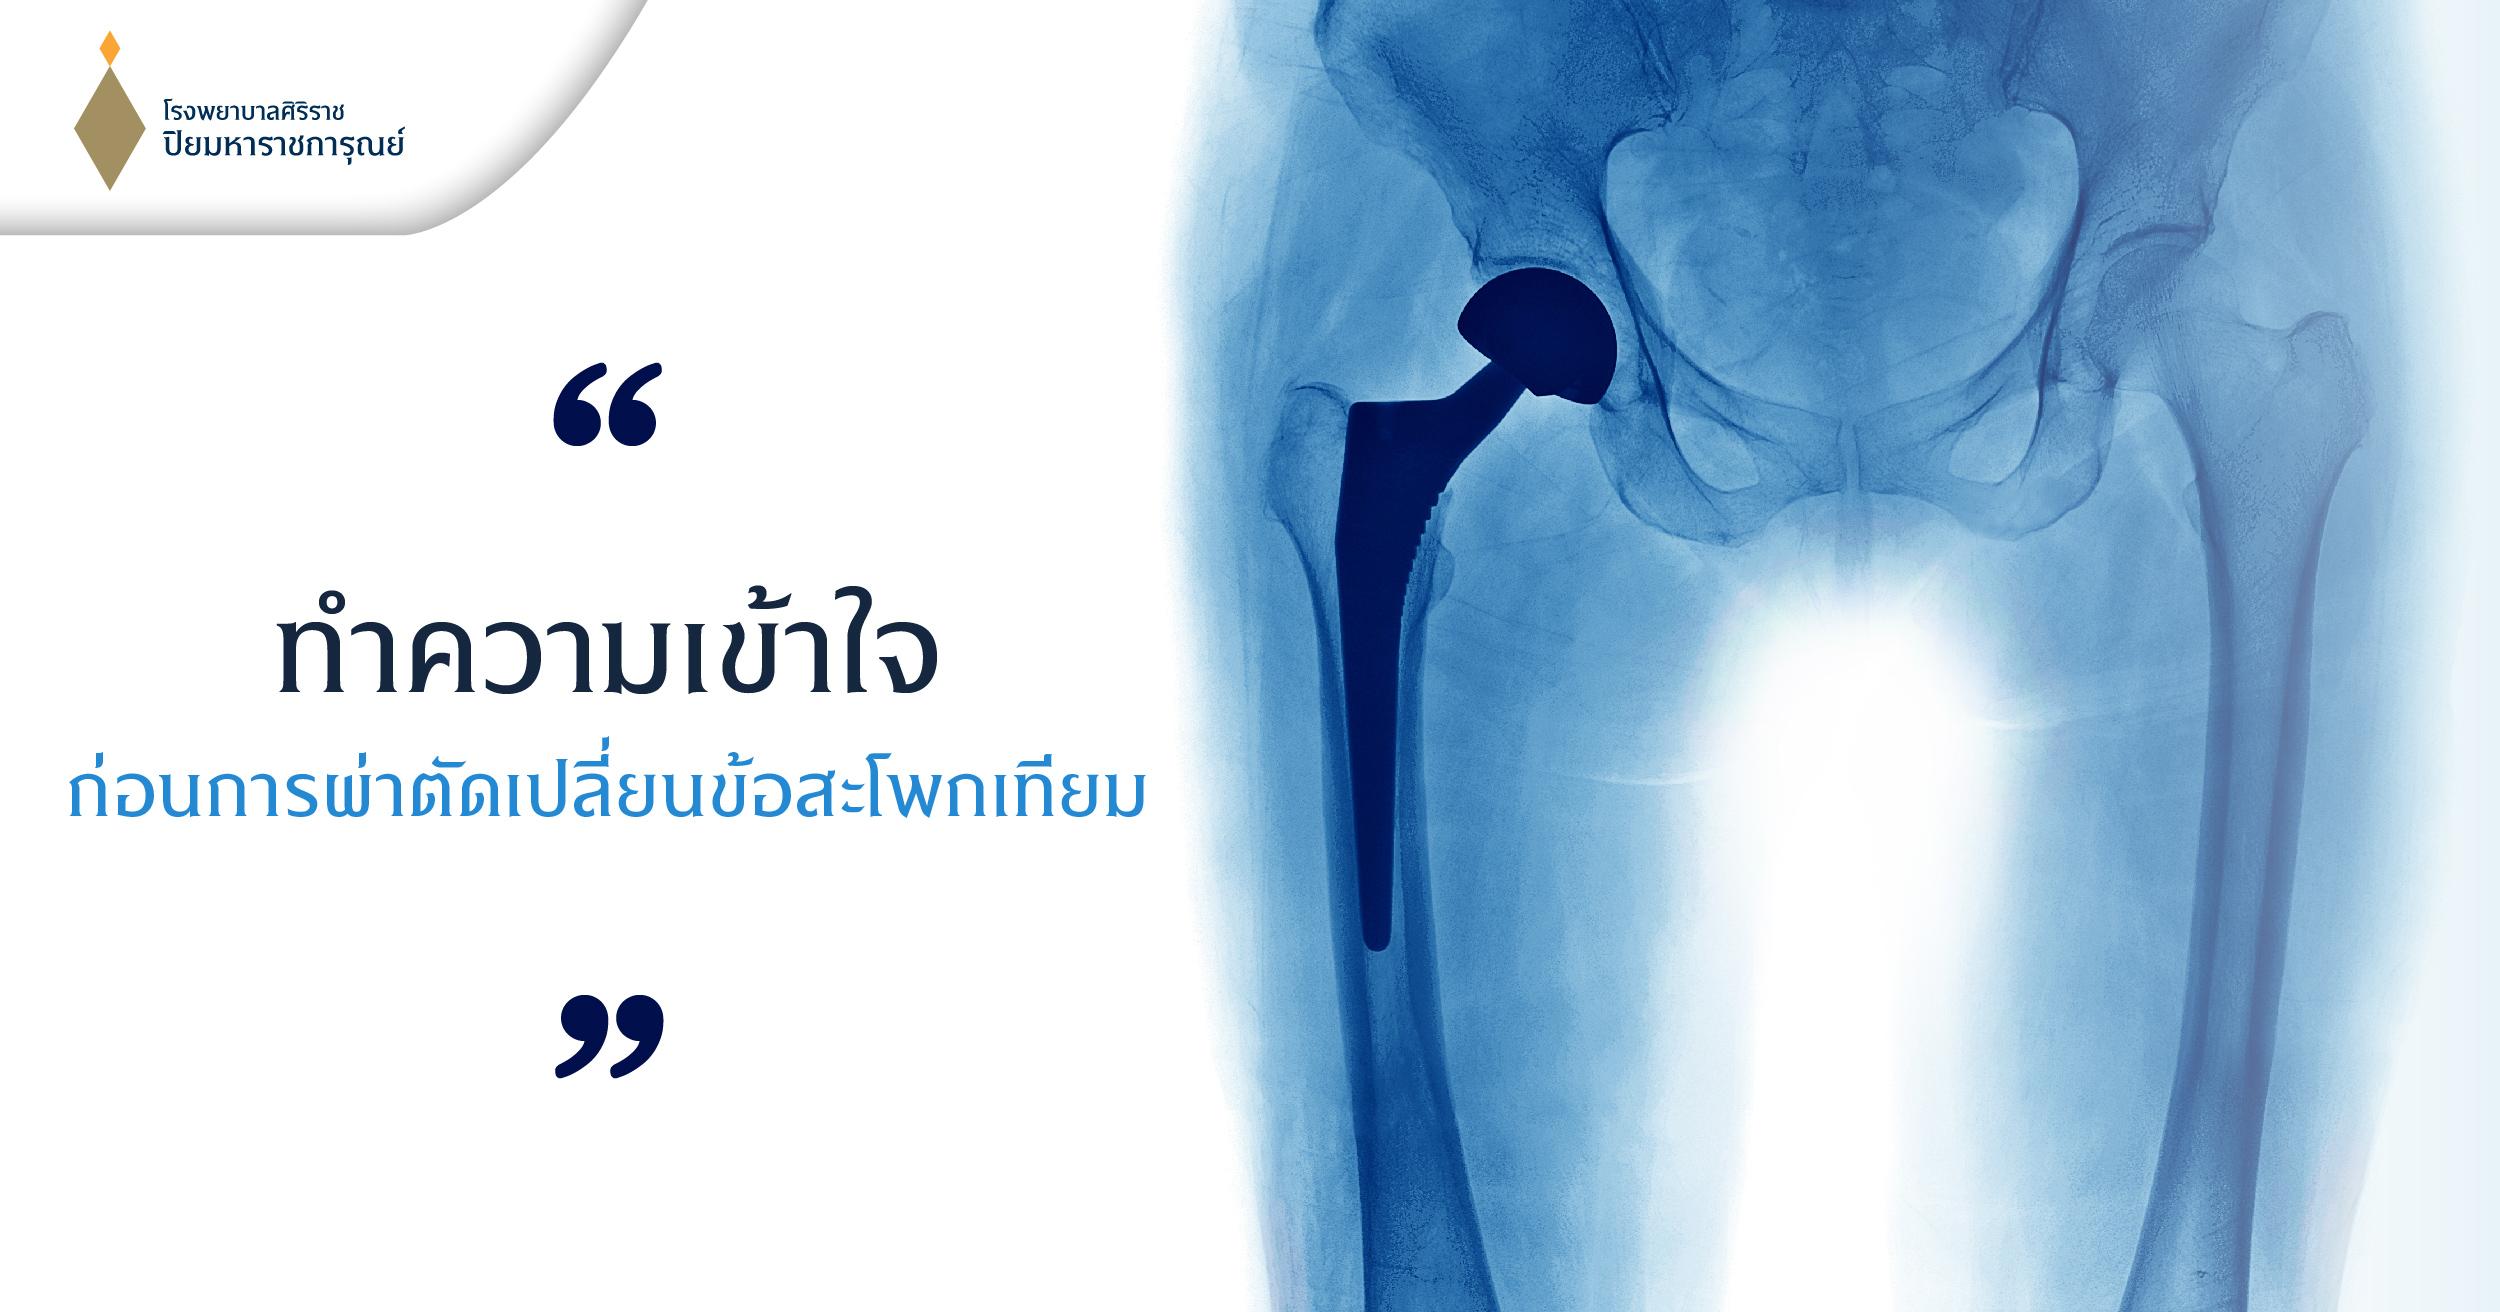 #เปลี่ยนข้อสะโพก #ผ่าตัดเปลี่ยนข้อสะโพก #เปลี่ยนข้อสะโพกเทียม #การผ่าตัดเปลี่ยนข้อสะโพกเทียม #ข้อสะโพกเทียม #รักษาโรคข้อสะโพกเสื่อม #ข้อสะโพกเสื่อม #โรคข้อสะโพกเสื่อม #เช็คข้อสะโพกเสื่อม #hip osteoarthritis #การเตรียมตัวก่อนผ่าตัดข้อสะโพก #การดูแลหลังผ่าตัดข้อสะโพก #ป้องกันข้อสะโพกหลุด